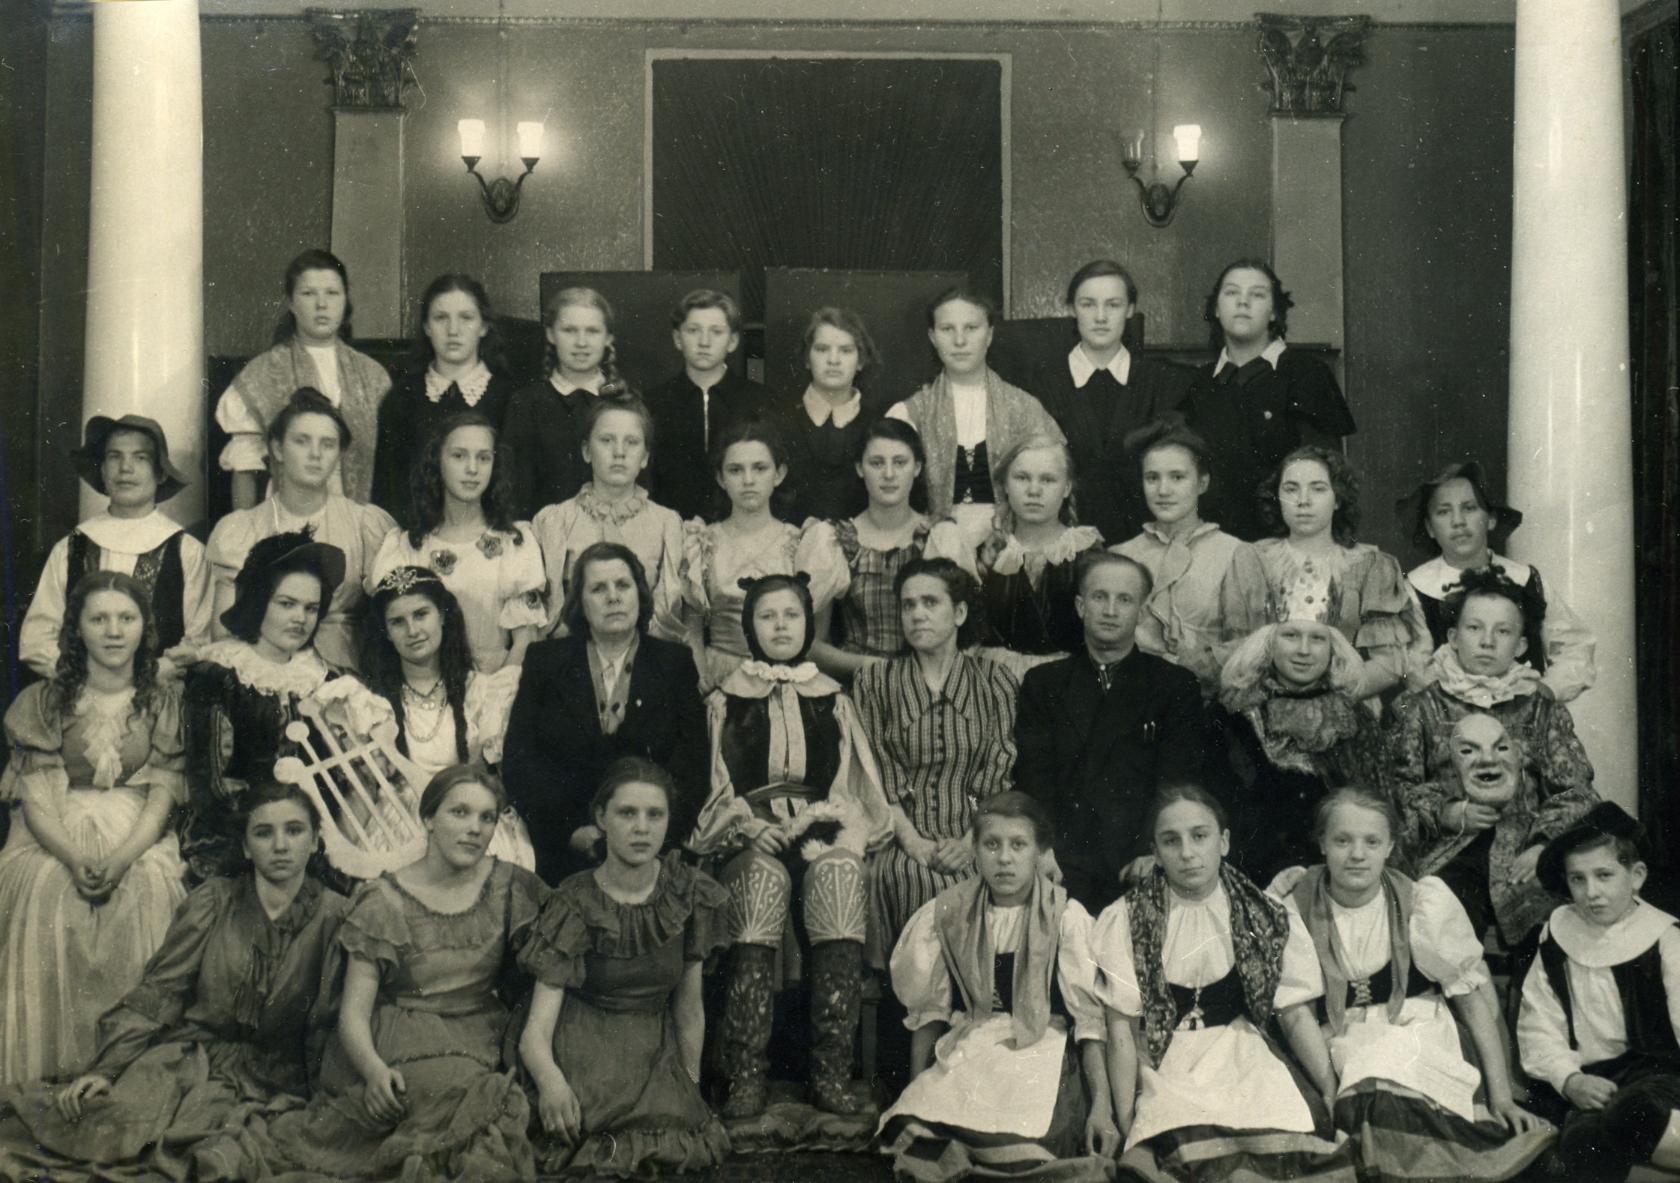 Постановка спектакля КОТ В САПОГАХ во Дворце пионеров в конце 50х.